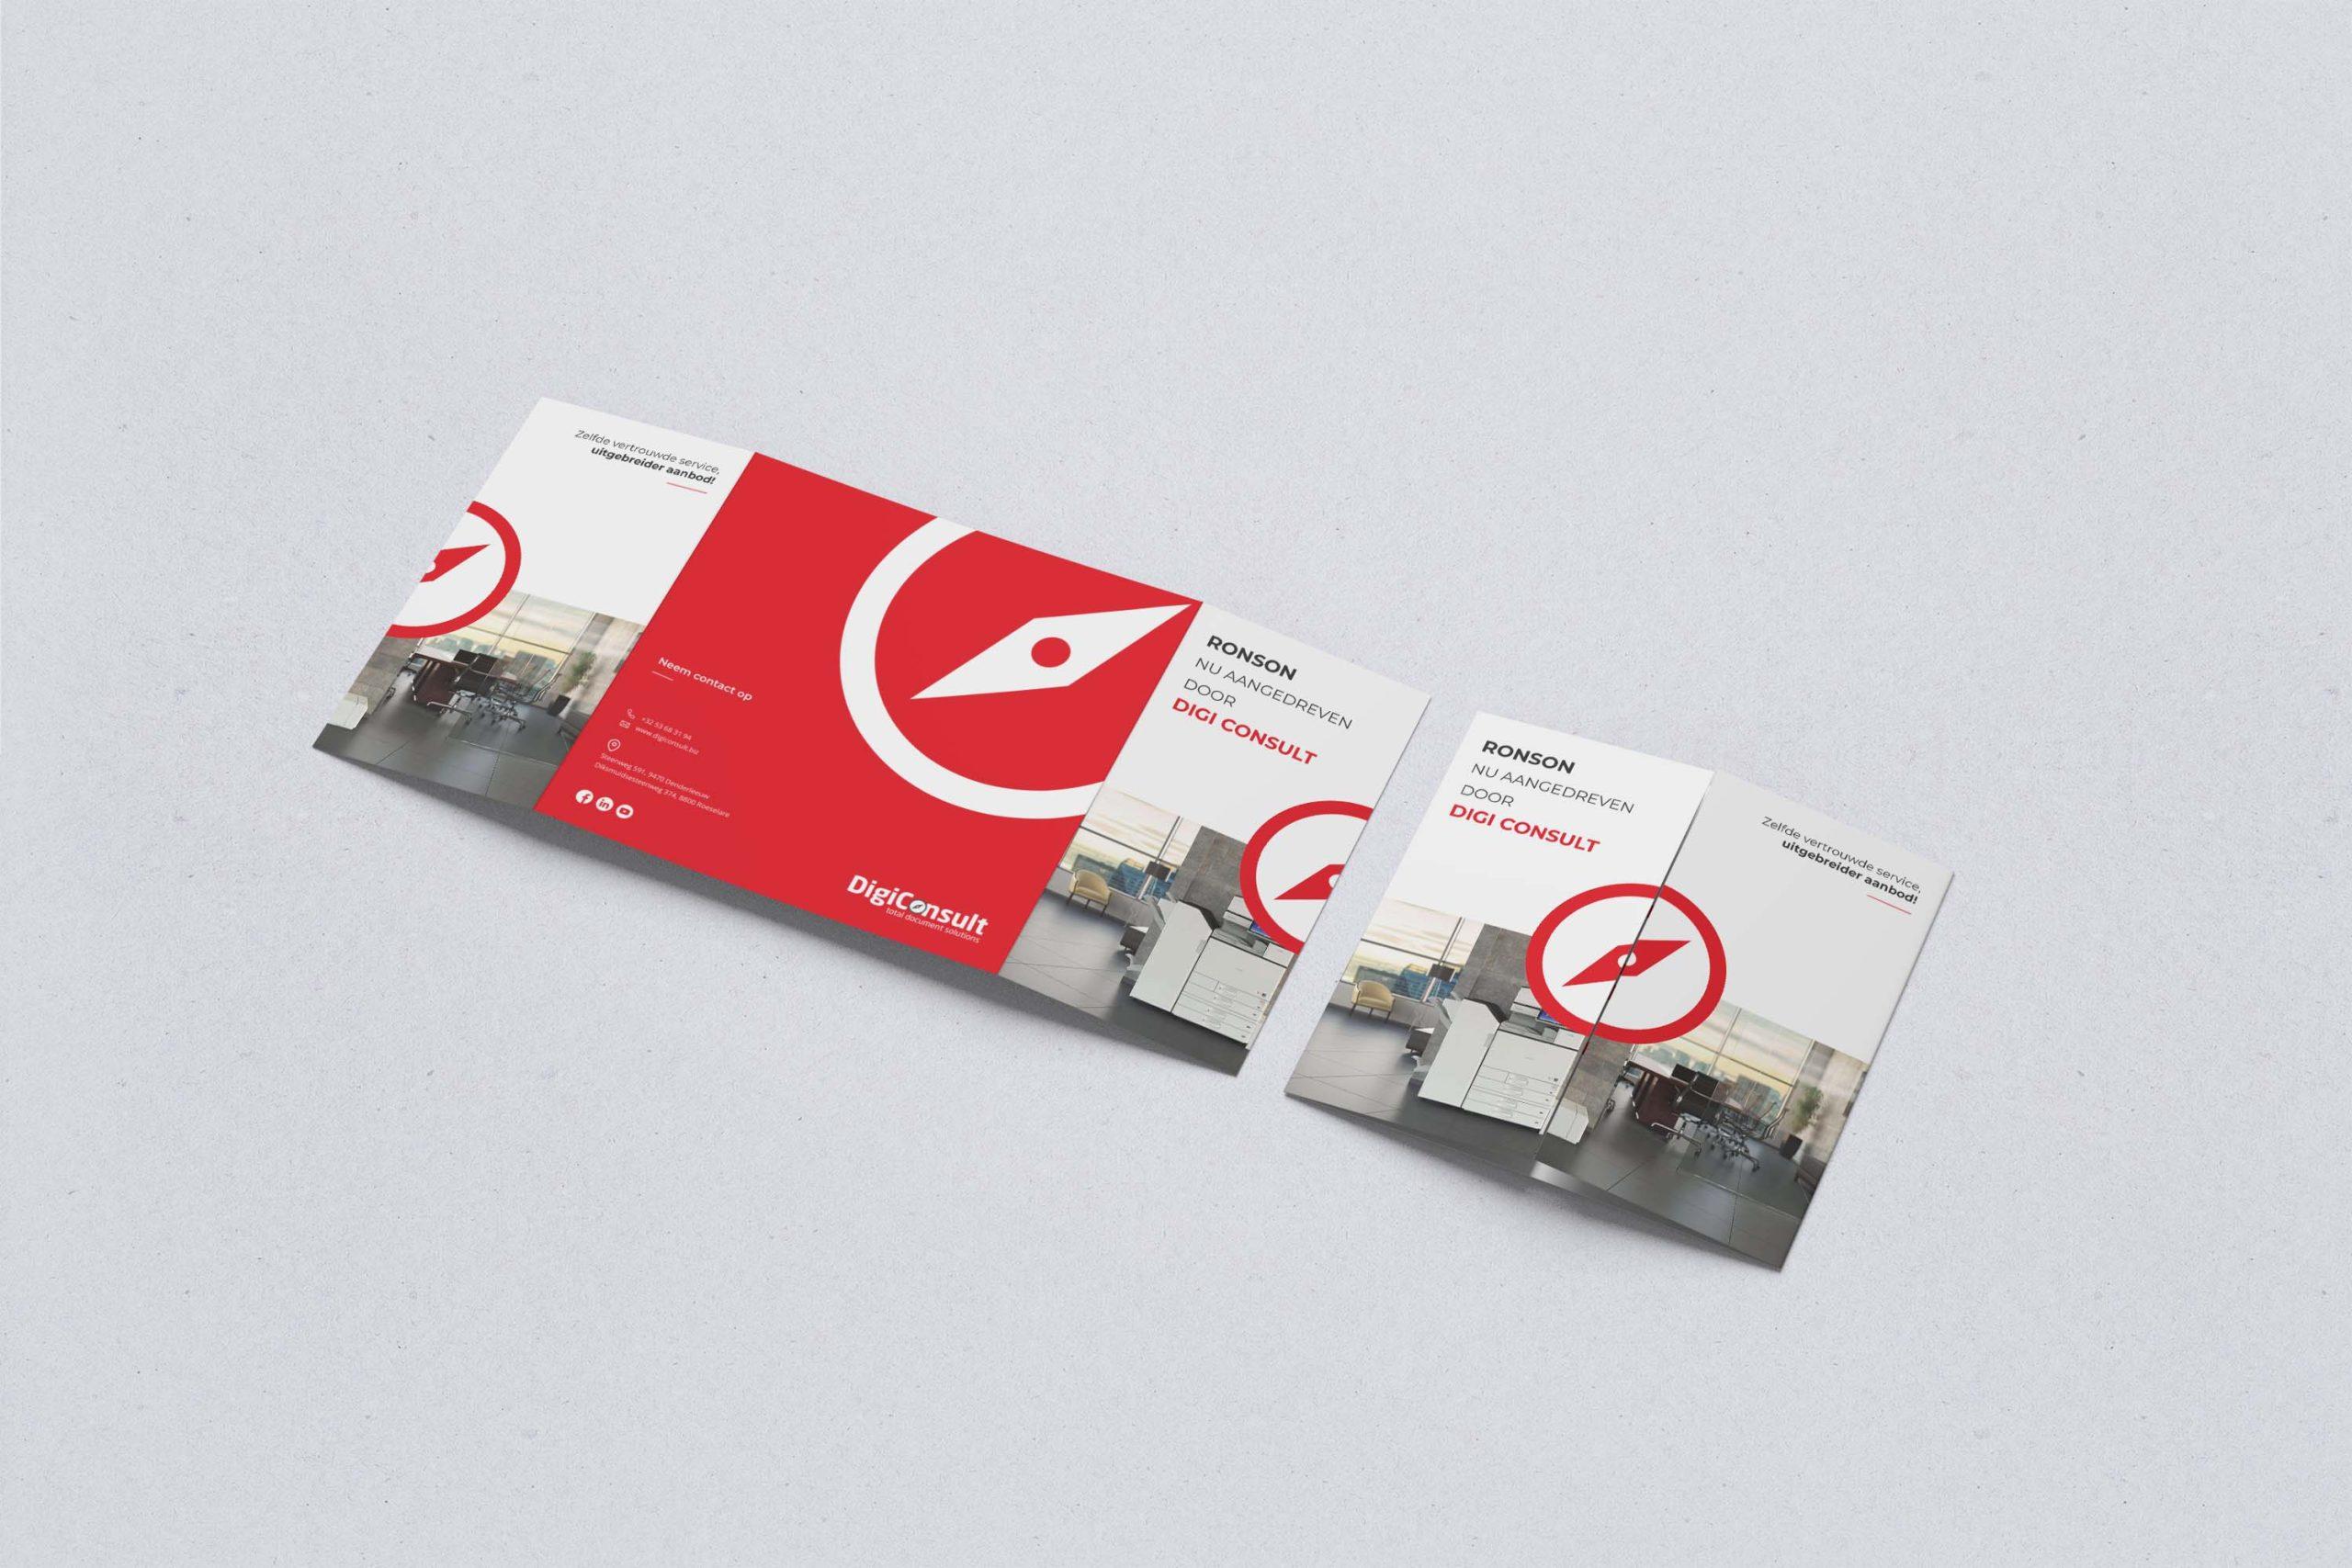 Ontwerp drieluik brochure voor Digi Consult